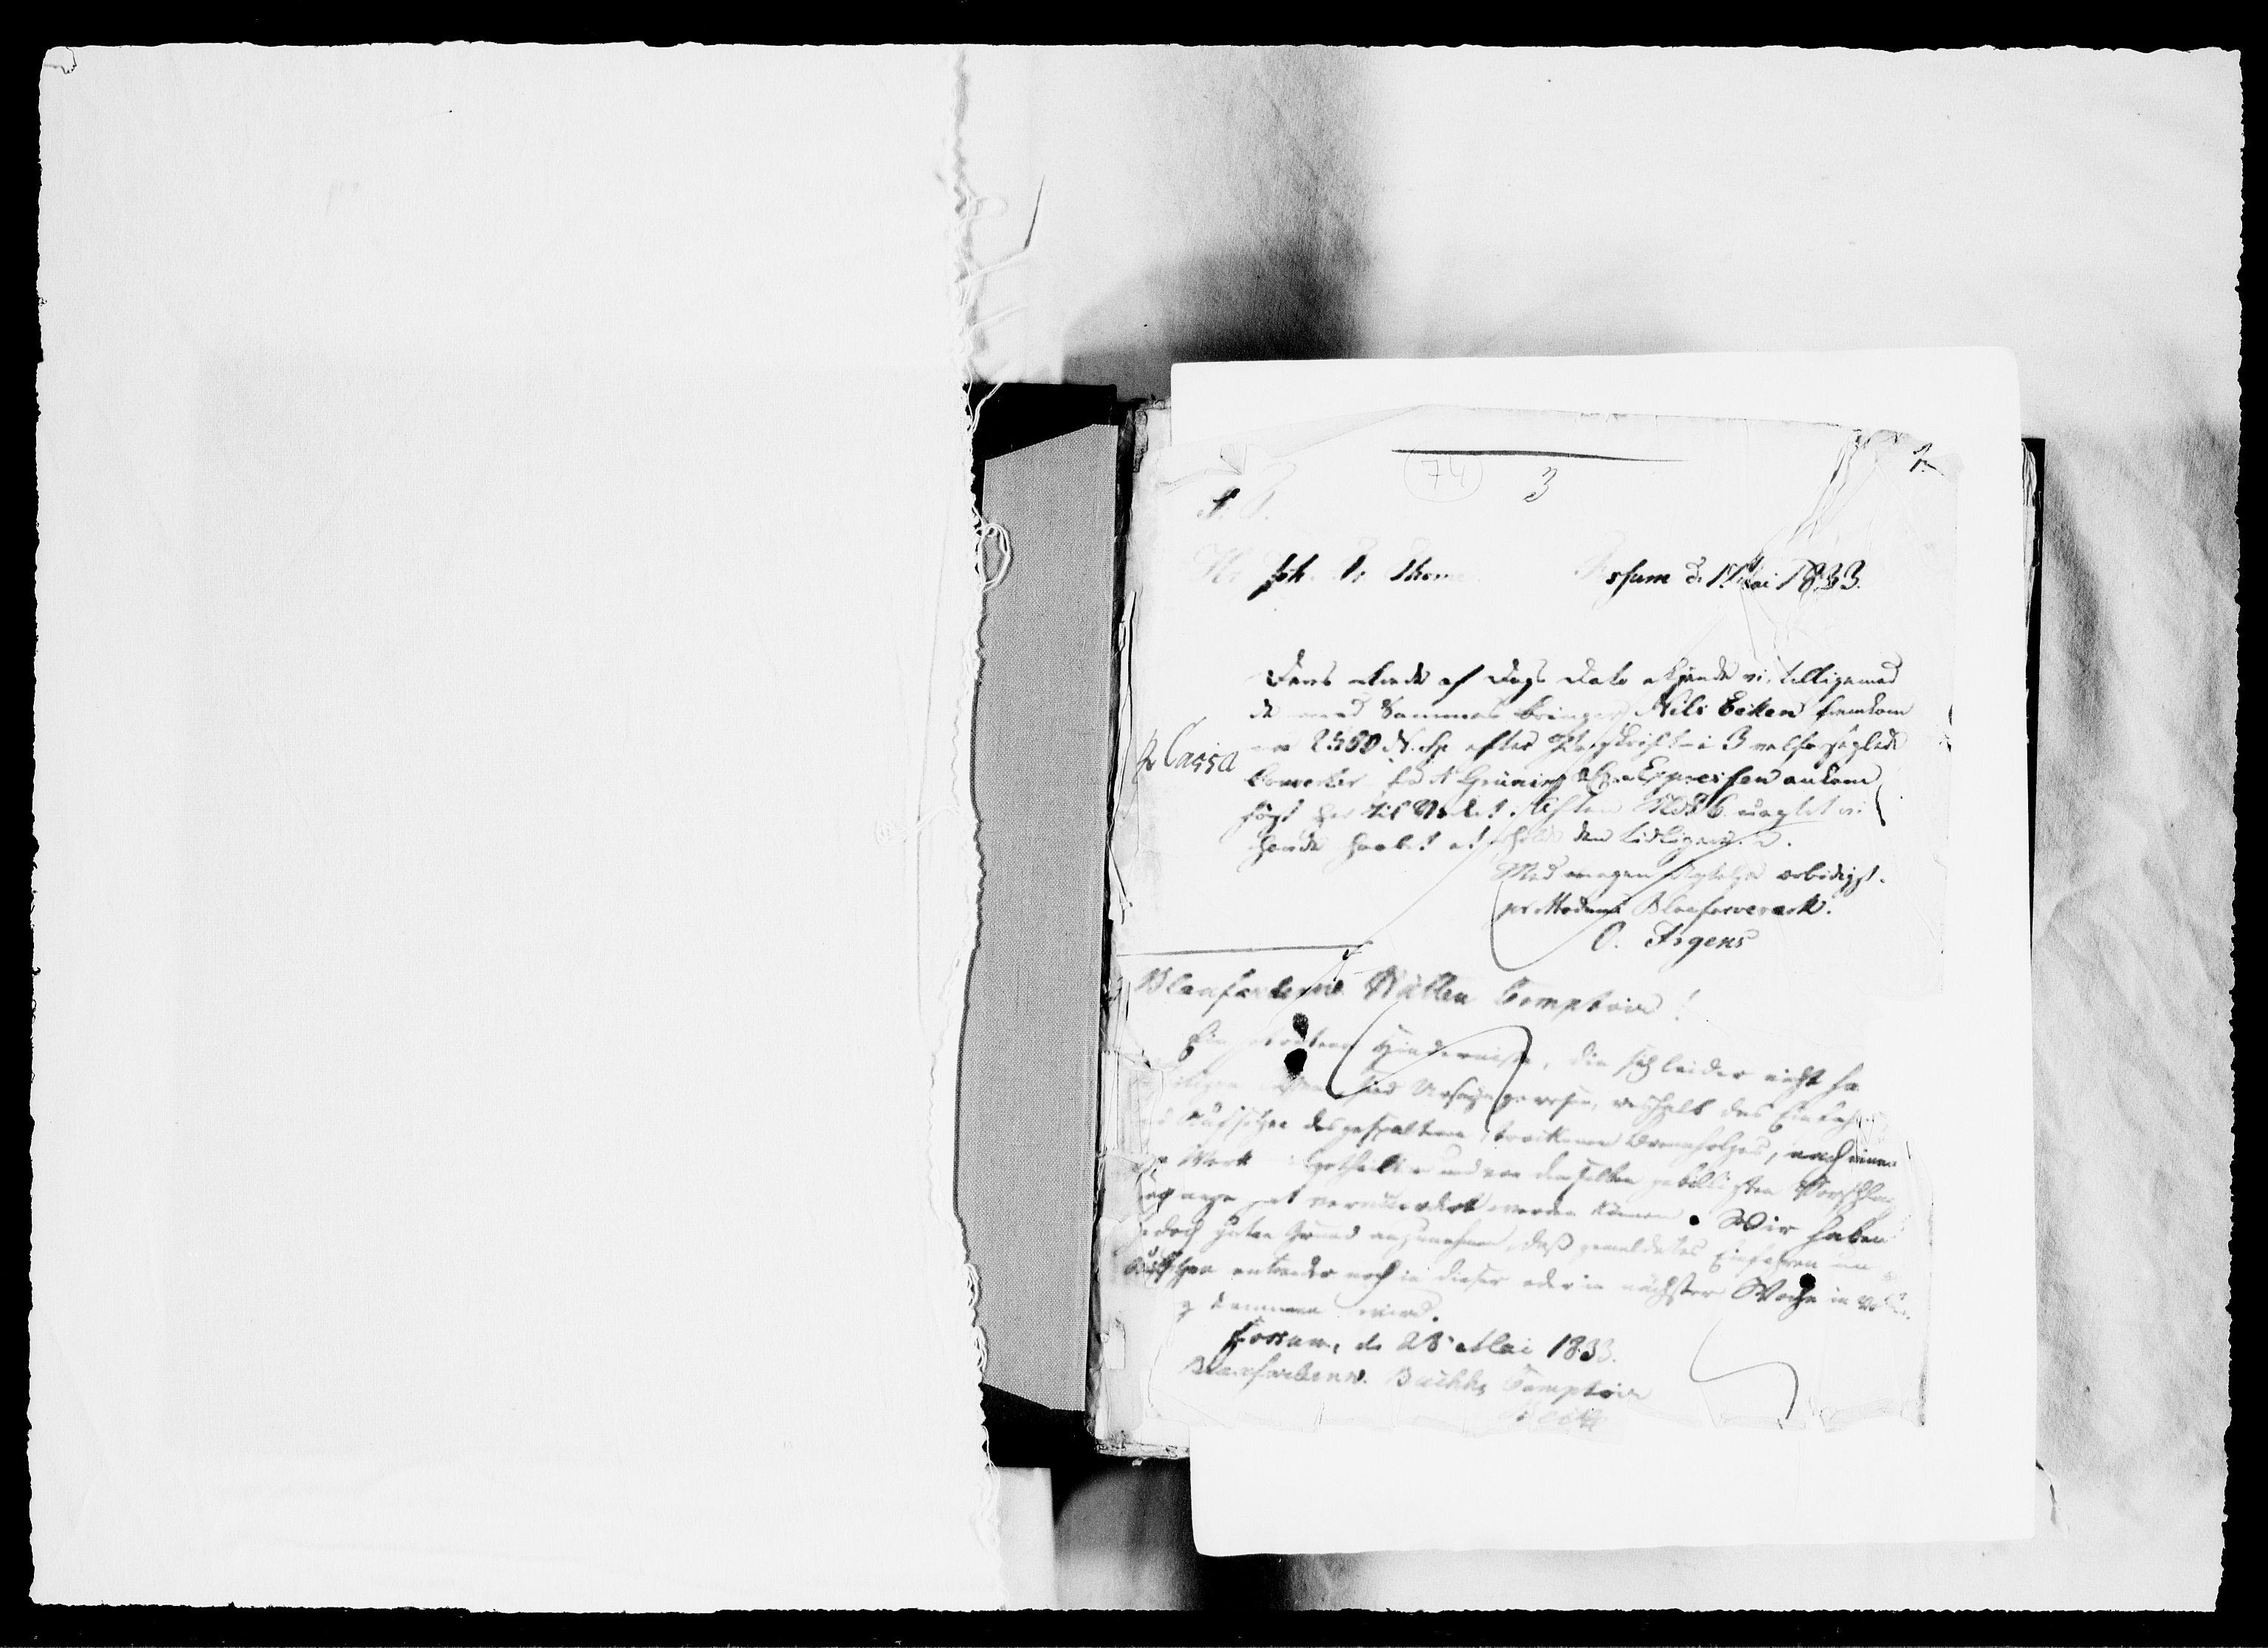 RA, Modums Blaafarveværk, G/Gb/L0074, 1833-1834, s. 2